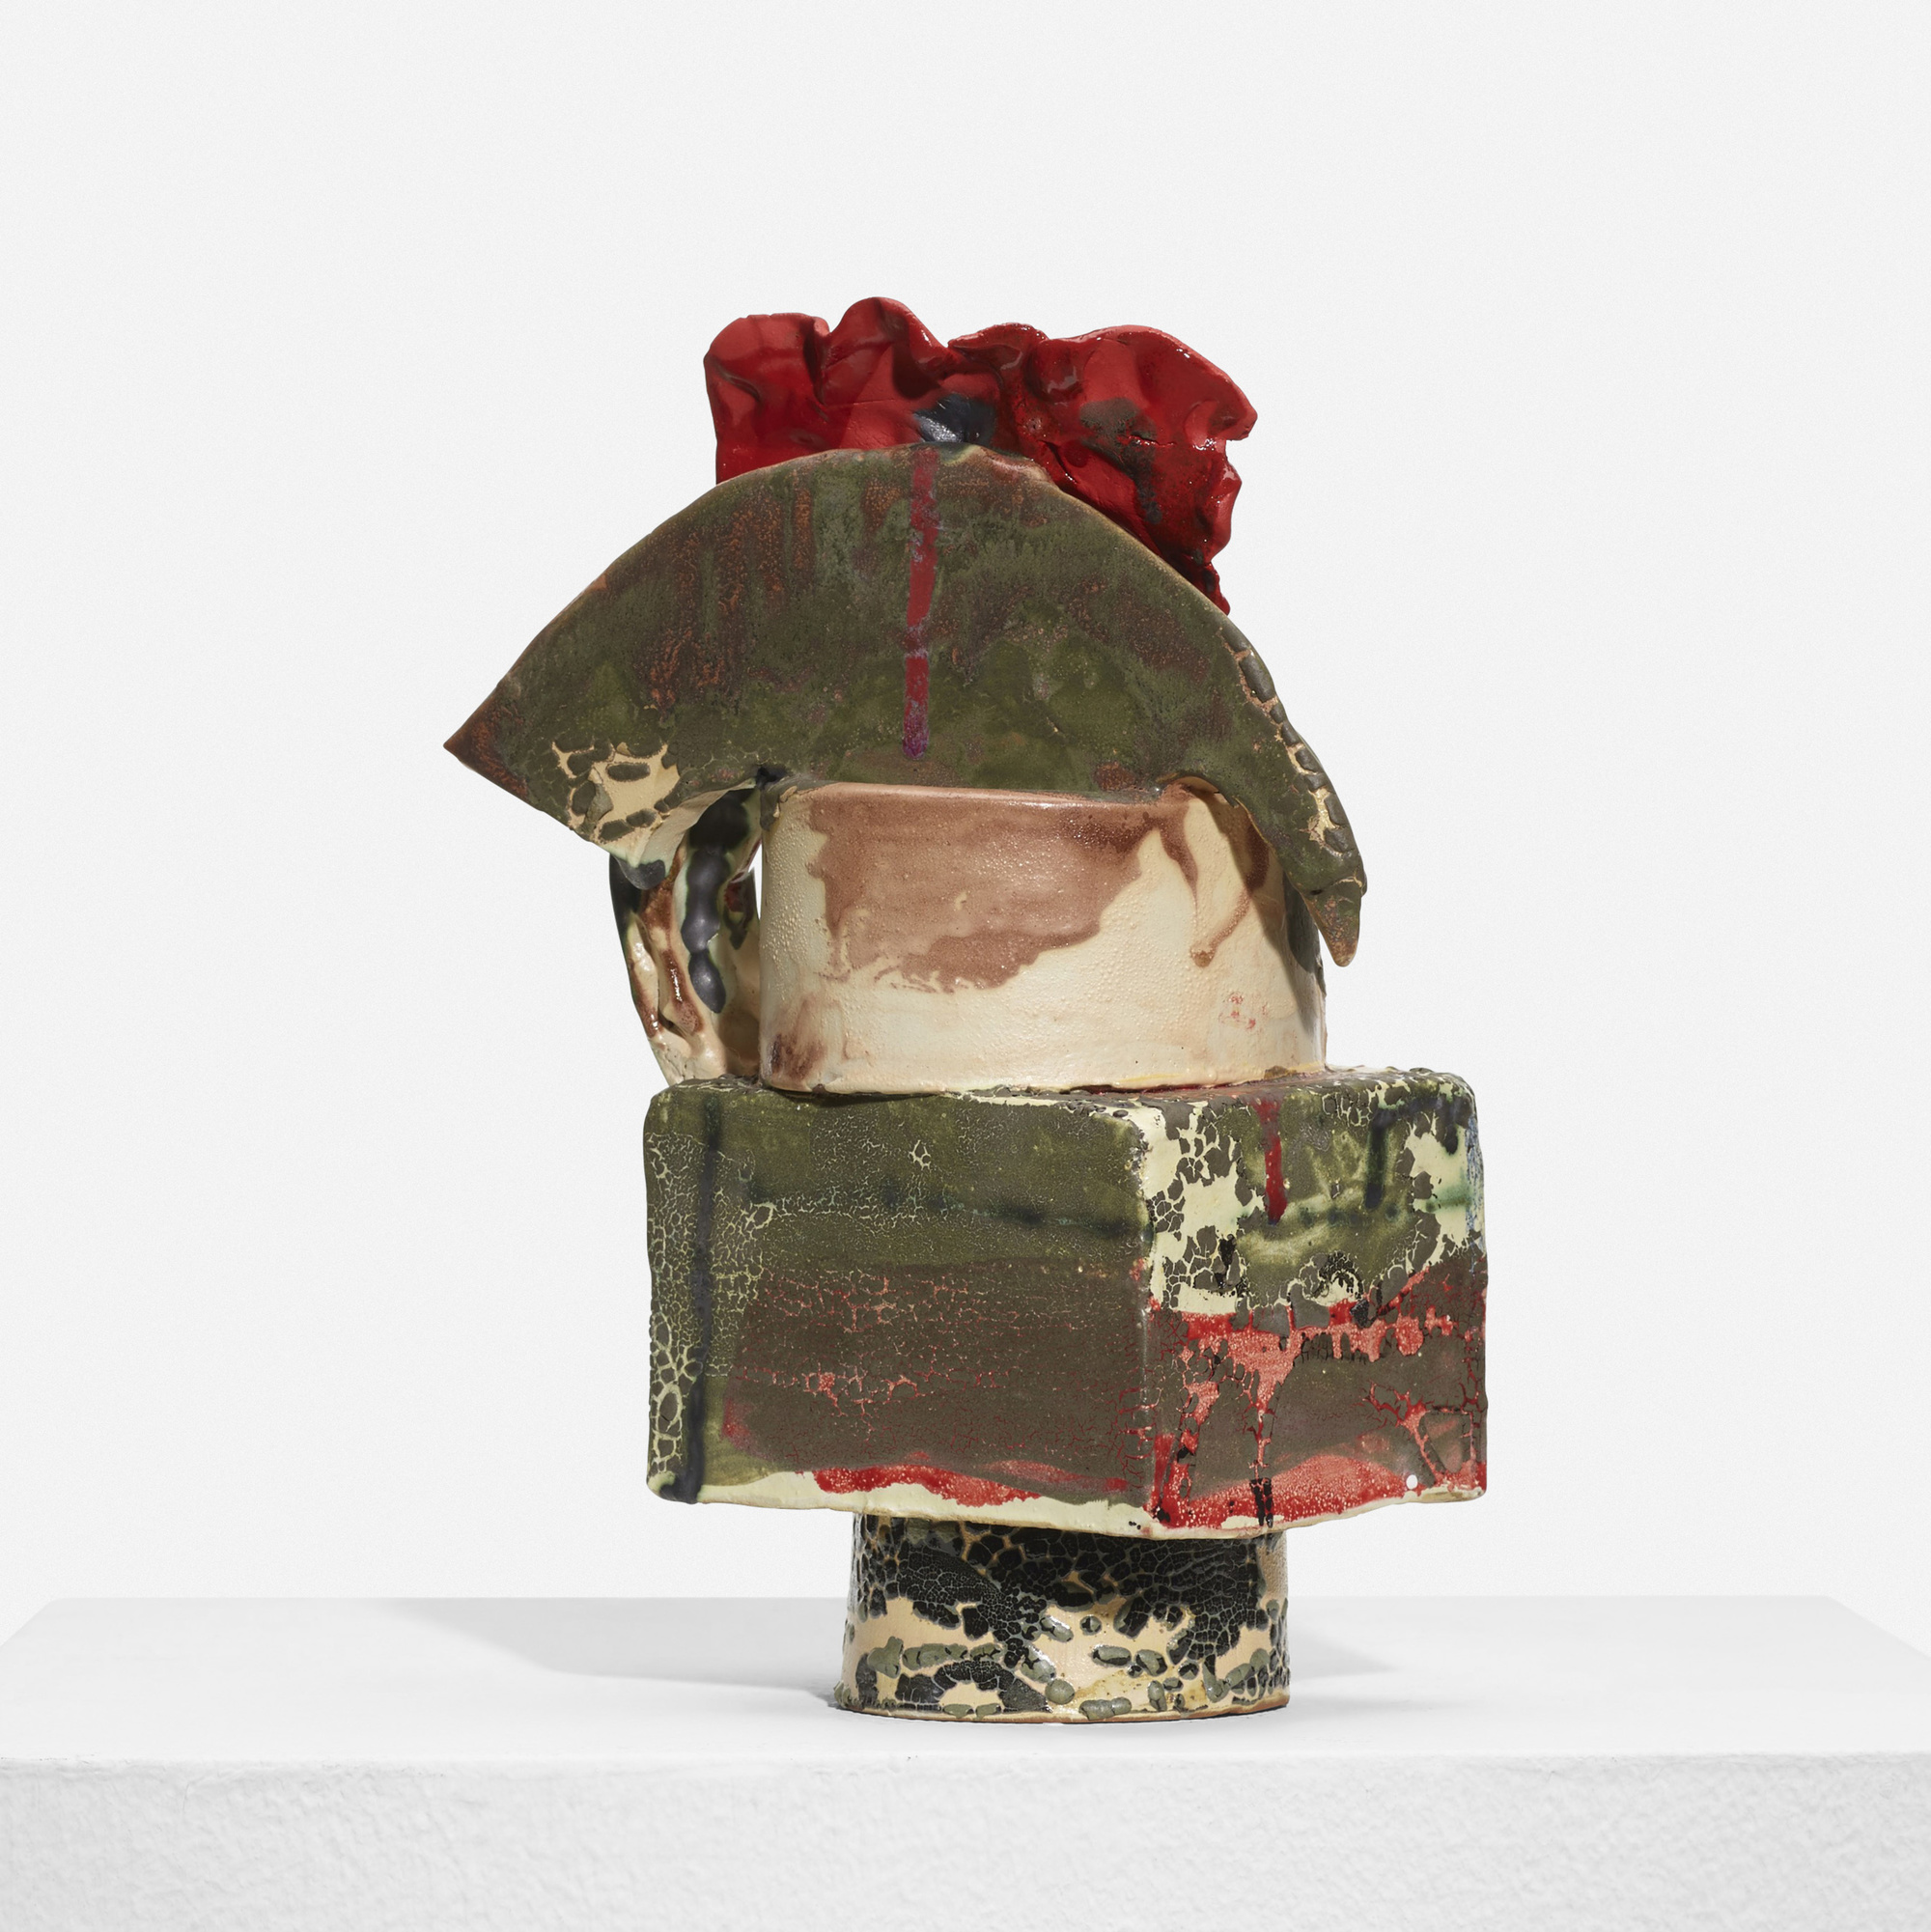 234: Arlene Shechet / Monument for Kippy (2 of 3)